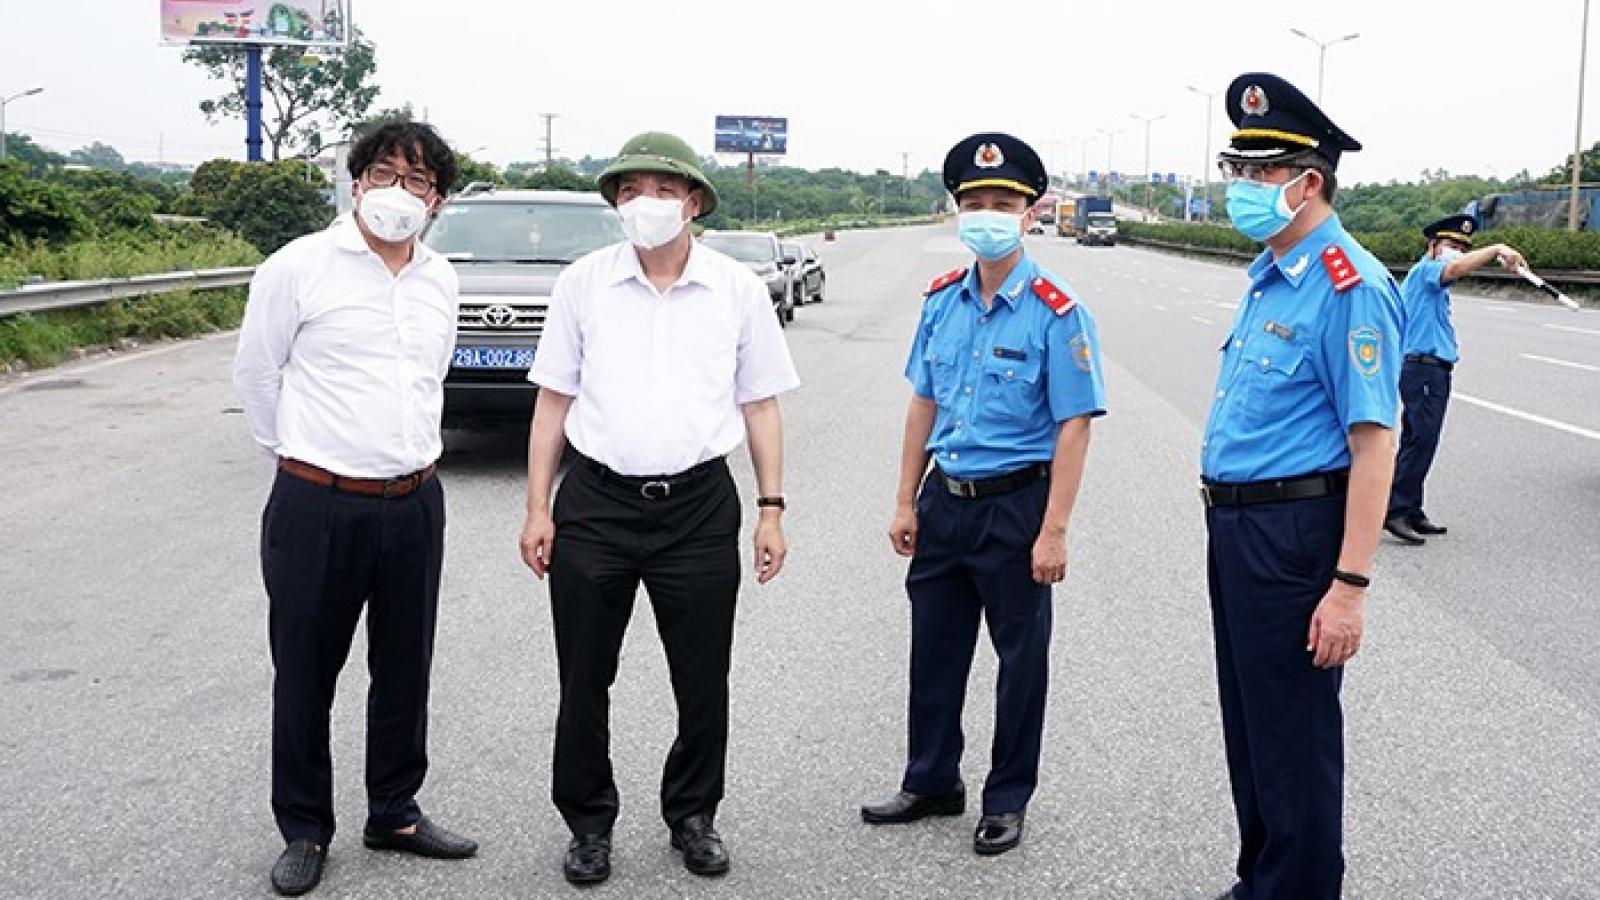 Chủ tịch Hà Nội thị sát đường Vành đai 3, chỉ đạo phương án thông xe nhanh nhất